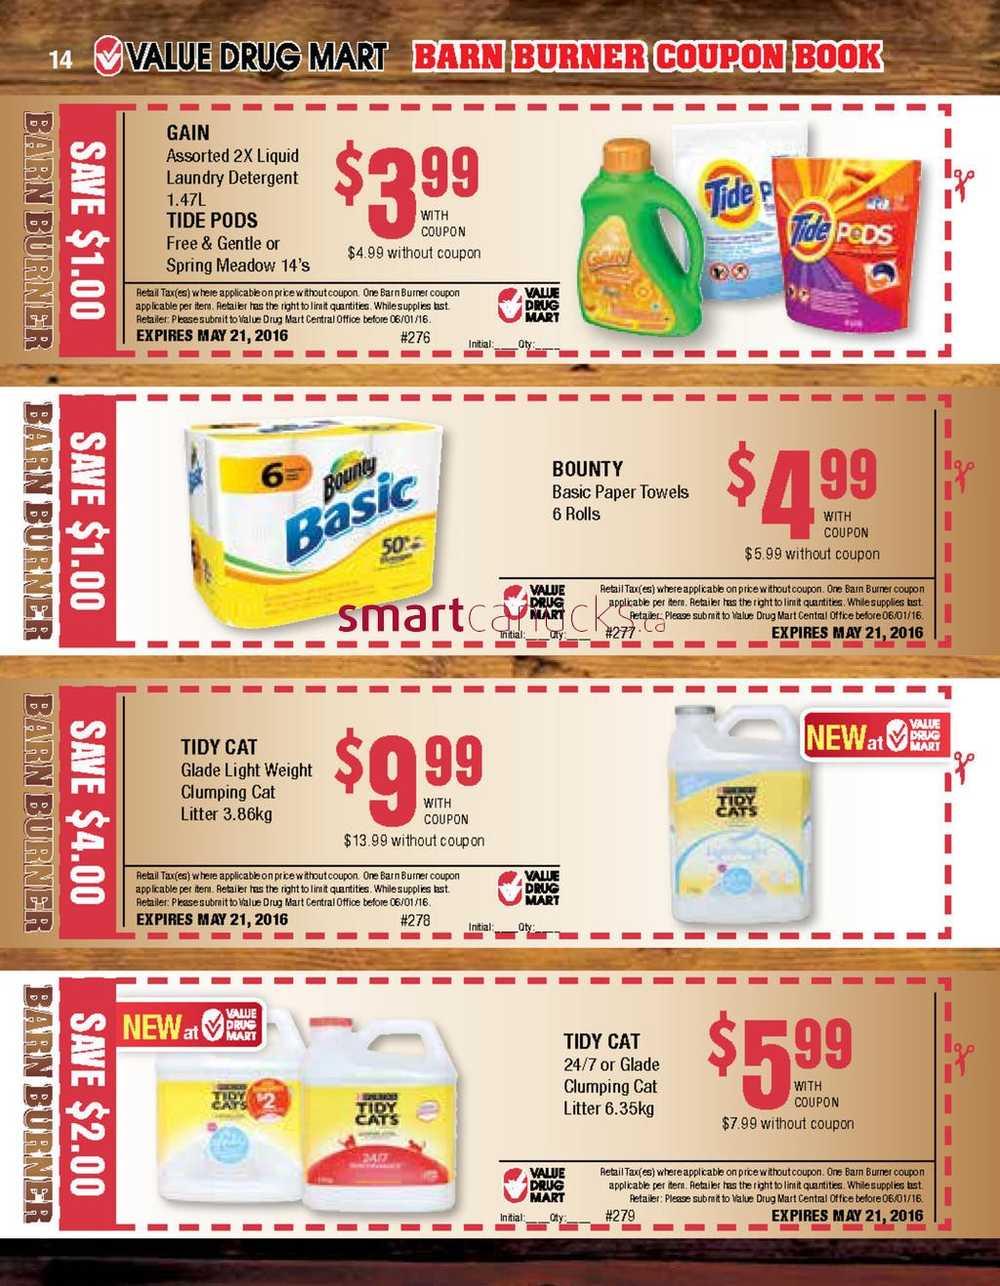 Online medicine discount coupons